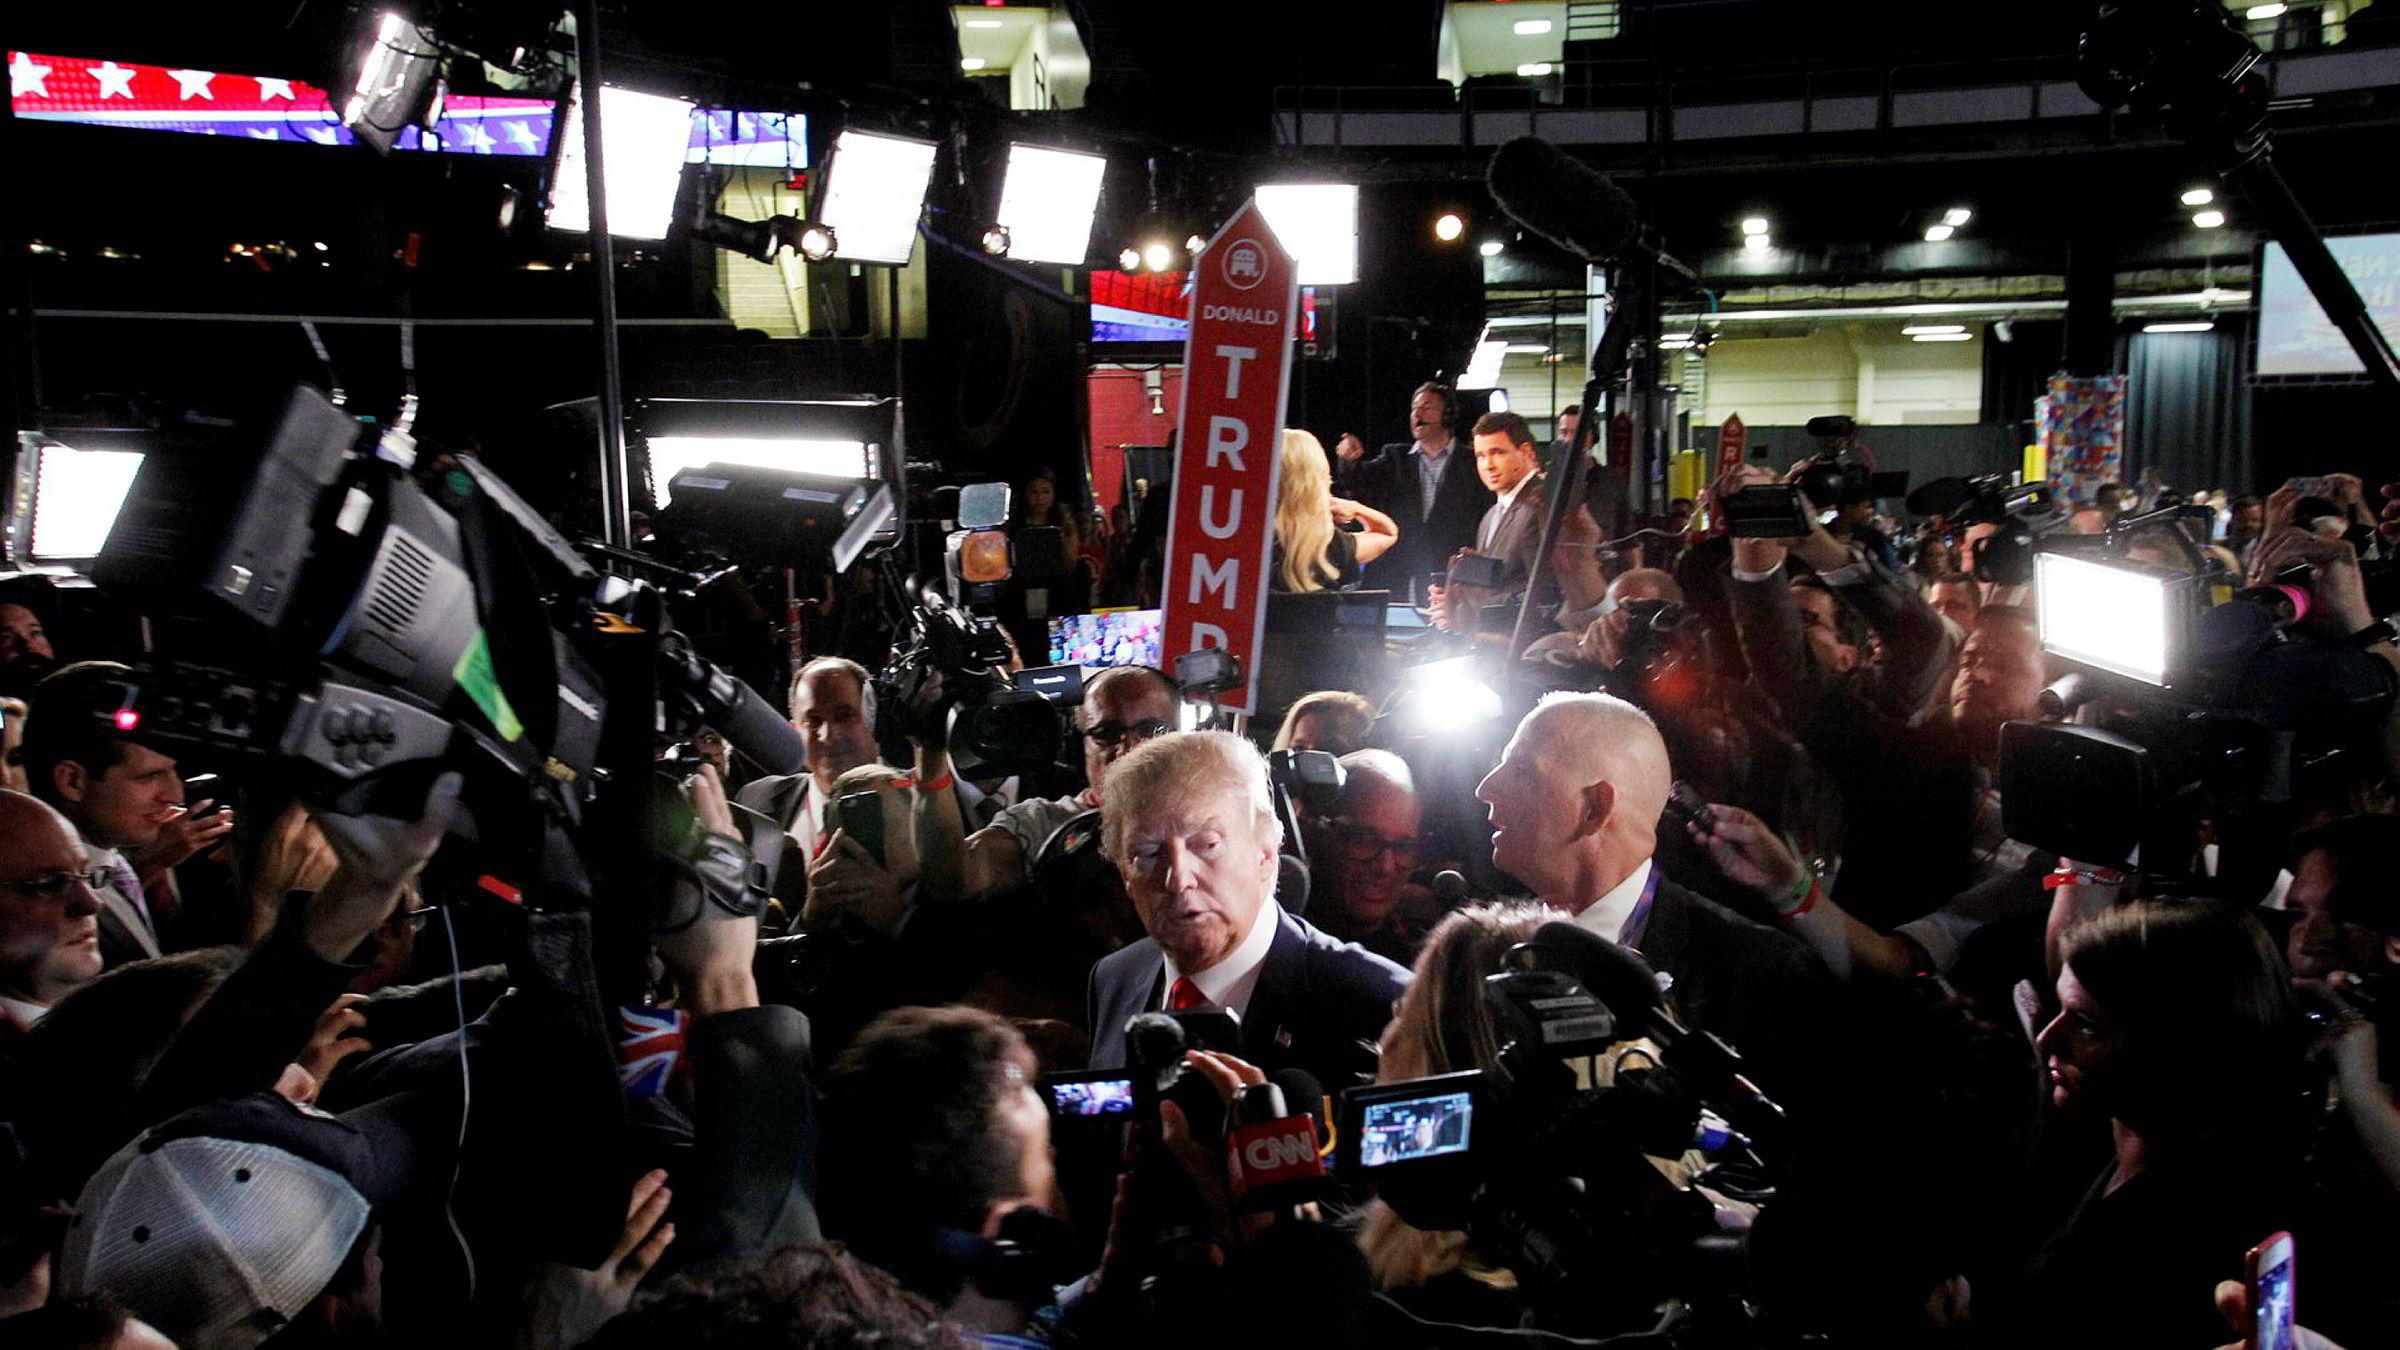 «Journalistenes naturlige og hyppig brukte kilder vil, inspirert av Brexit og Trumps seier, trolig kaste seg på den følelsesmessige kommunikasjonen, som ikke krever dekning av påstander. Skal redaksjonene møte dette med konfrontasjon og nødvendig faktasjekk?» spør innleggsforfatteren. Bildet viser Donald Trump omgitt av journalister i august.